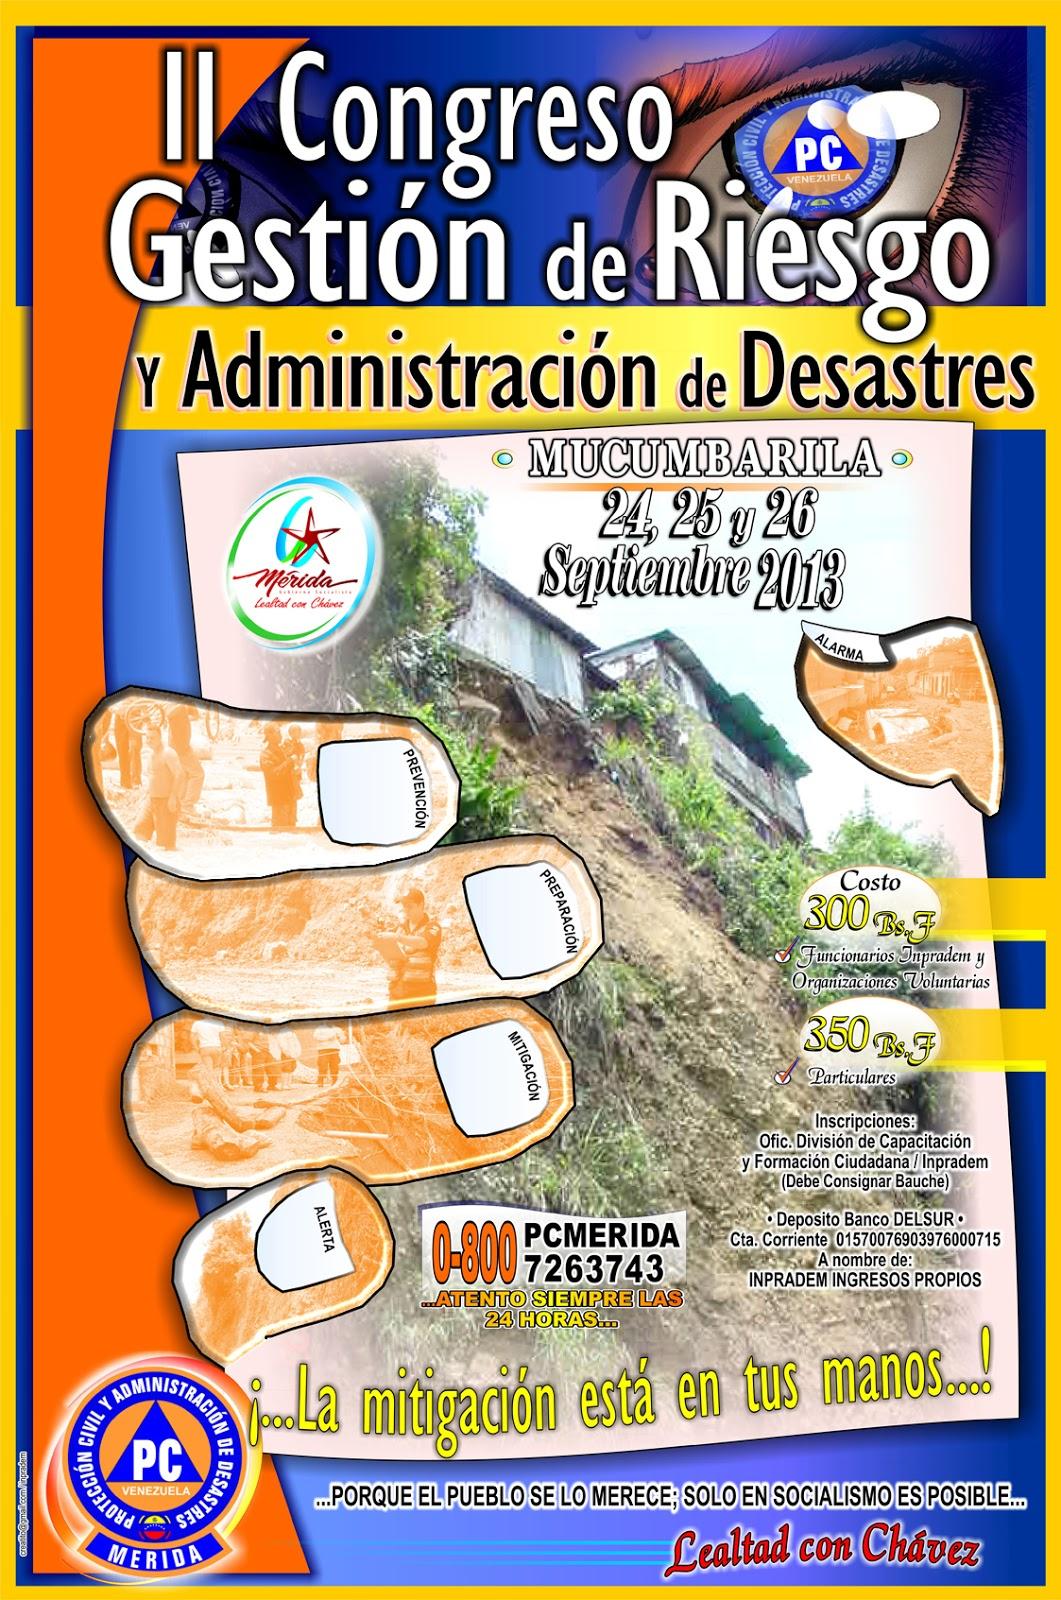 MRIDA PC Mrida organiza el II Congreso de Gestin de